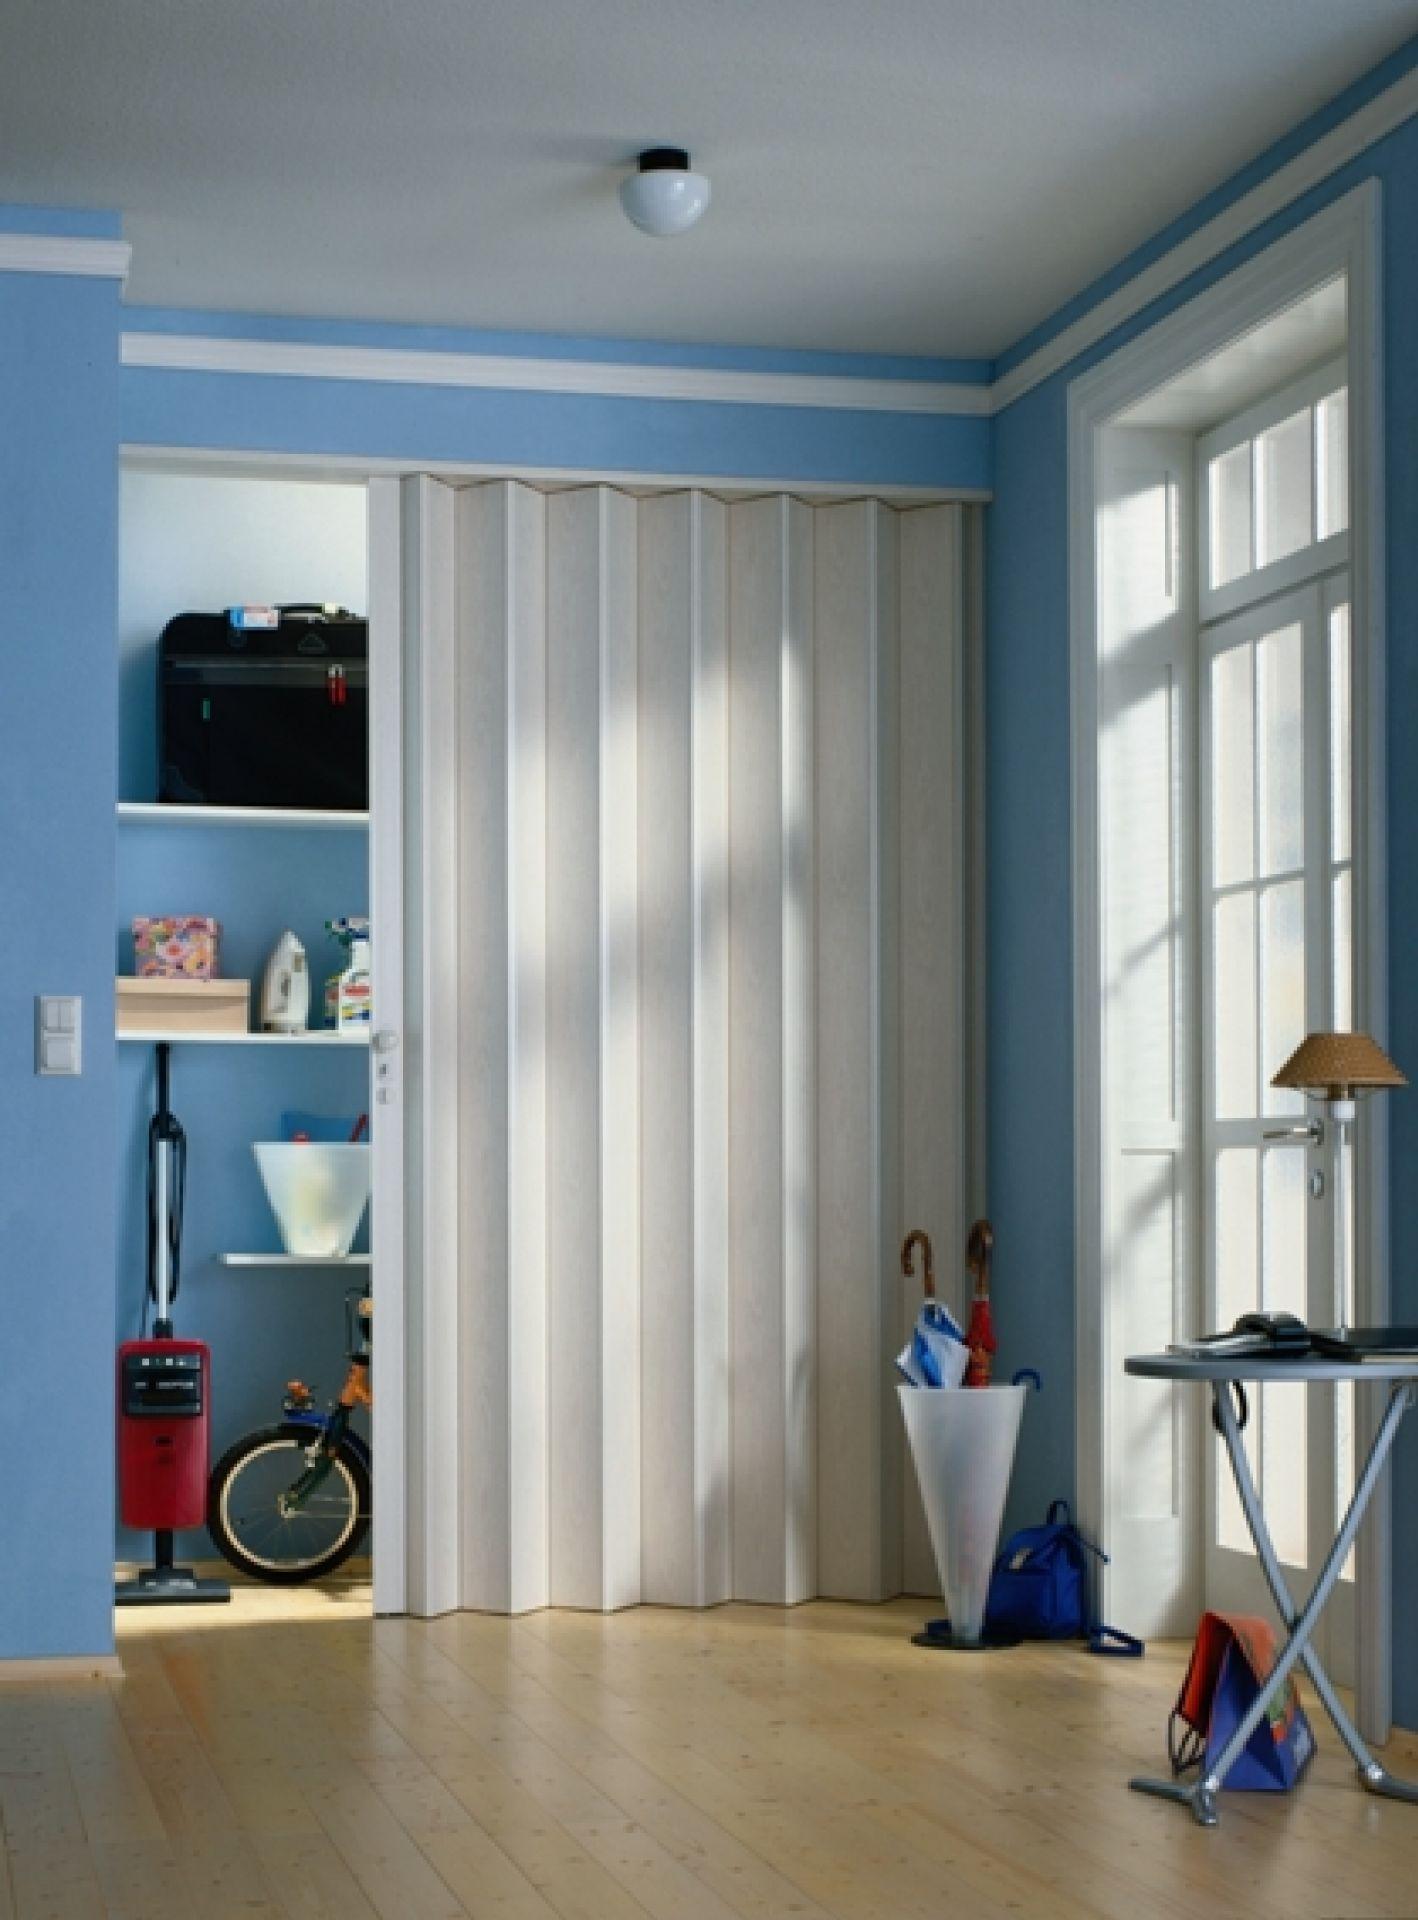 drzwi harmonijkowe na wymiar sklep internetowy marley. Black Bedroom Furniture Sets. Home Design Ideas